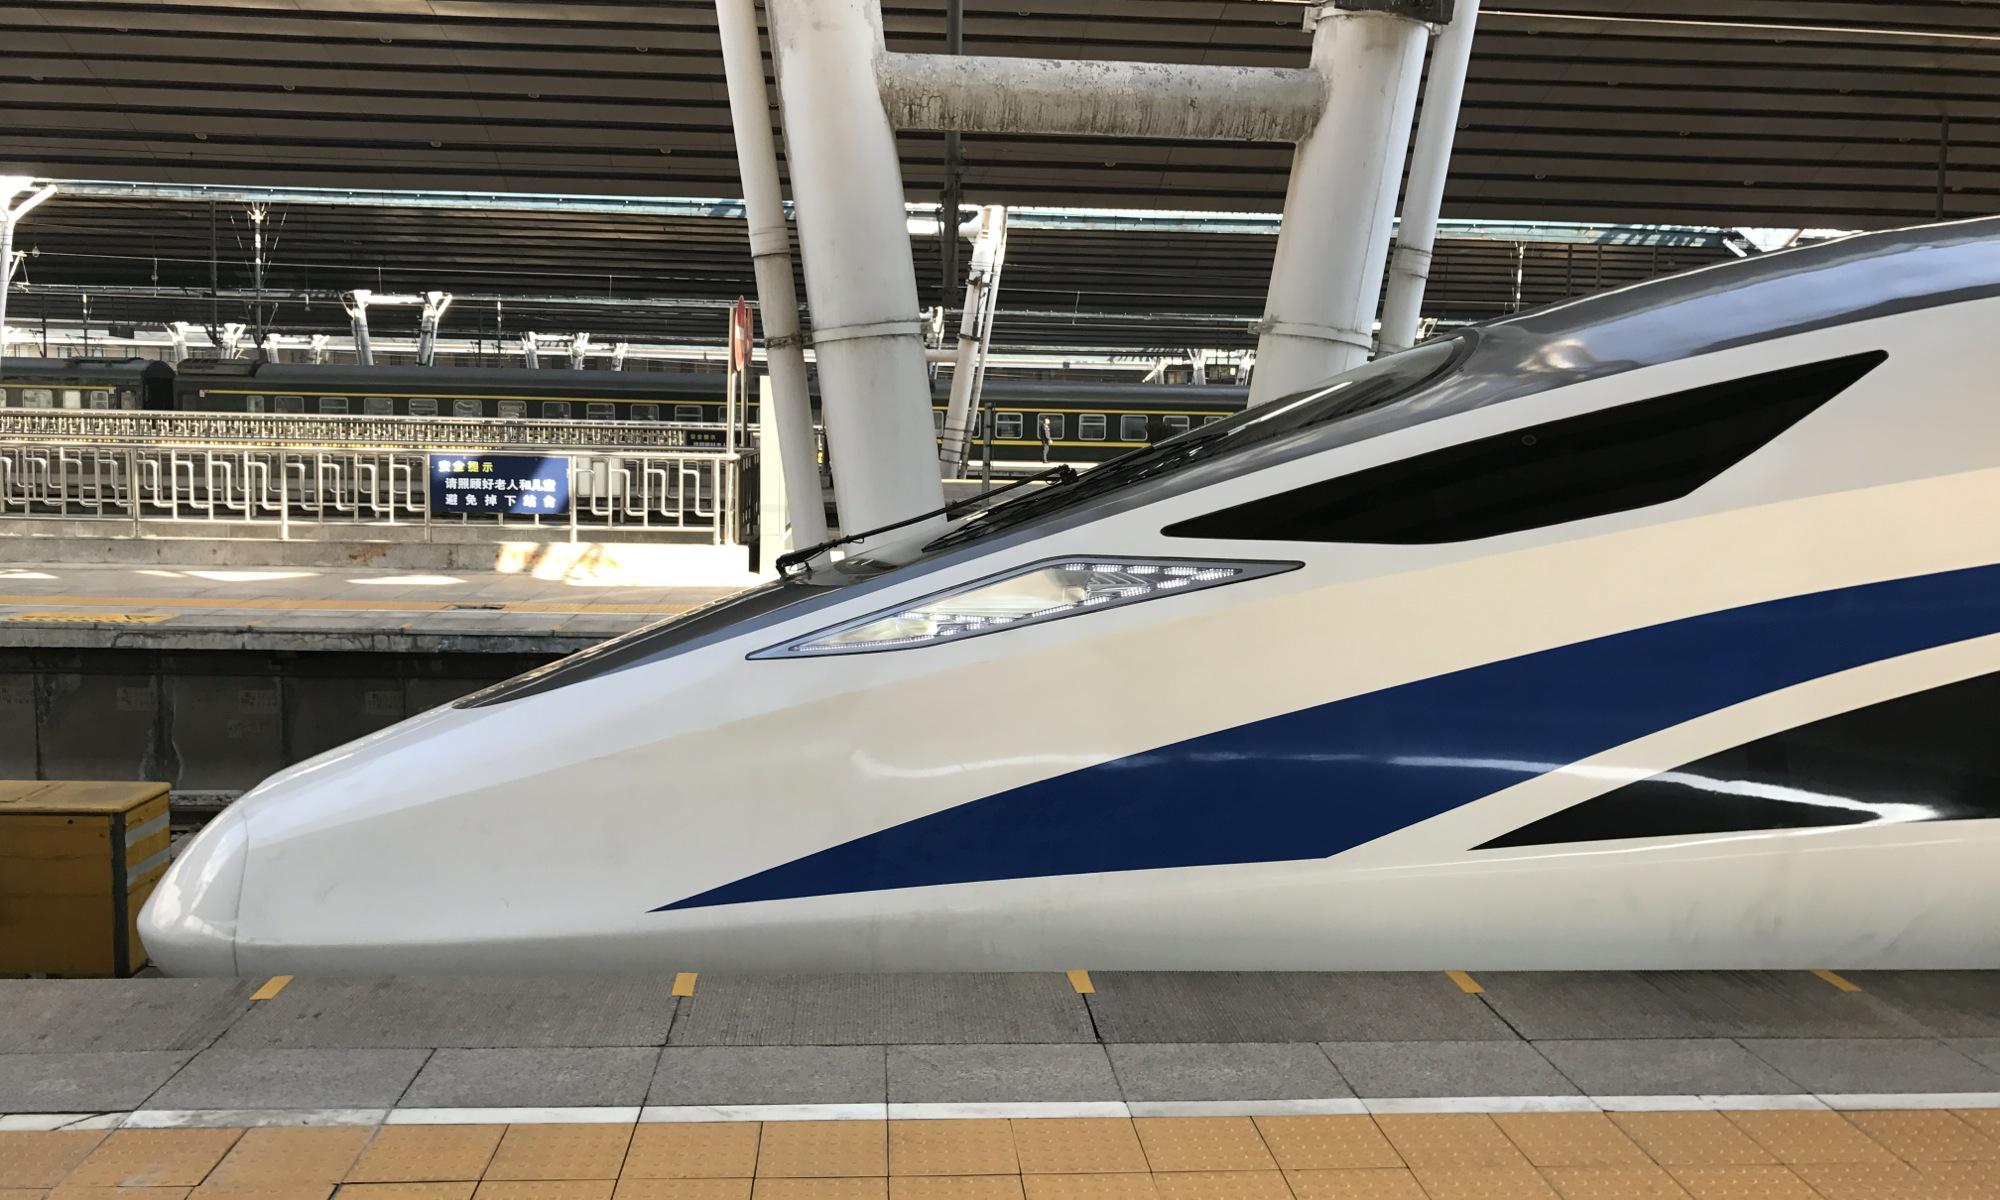 Next Station: China